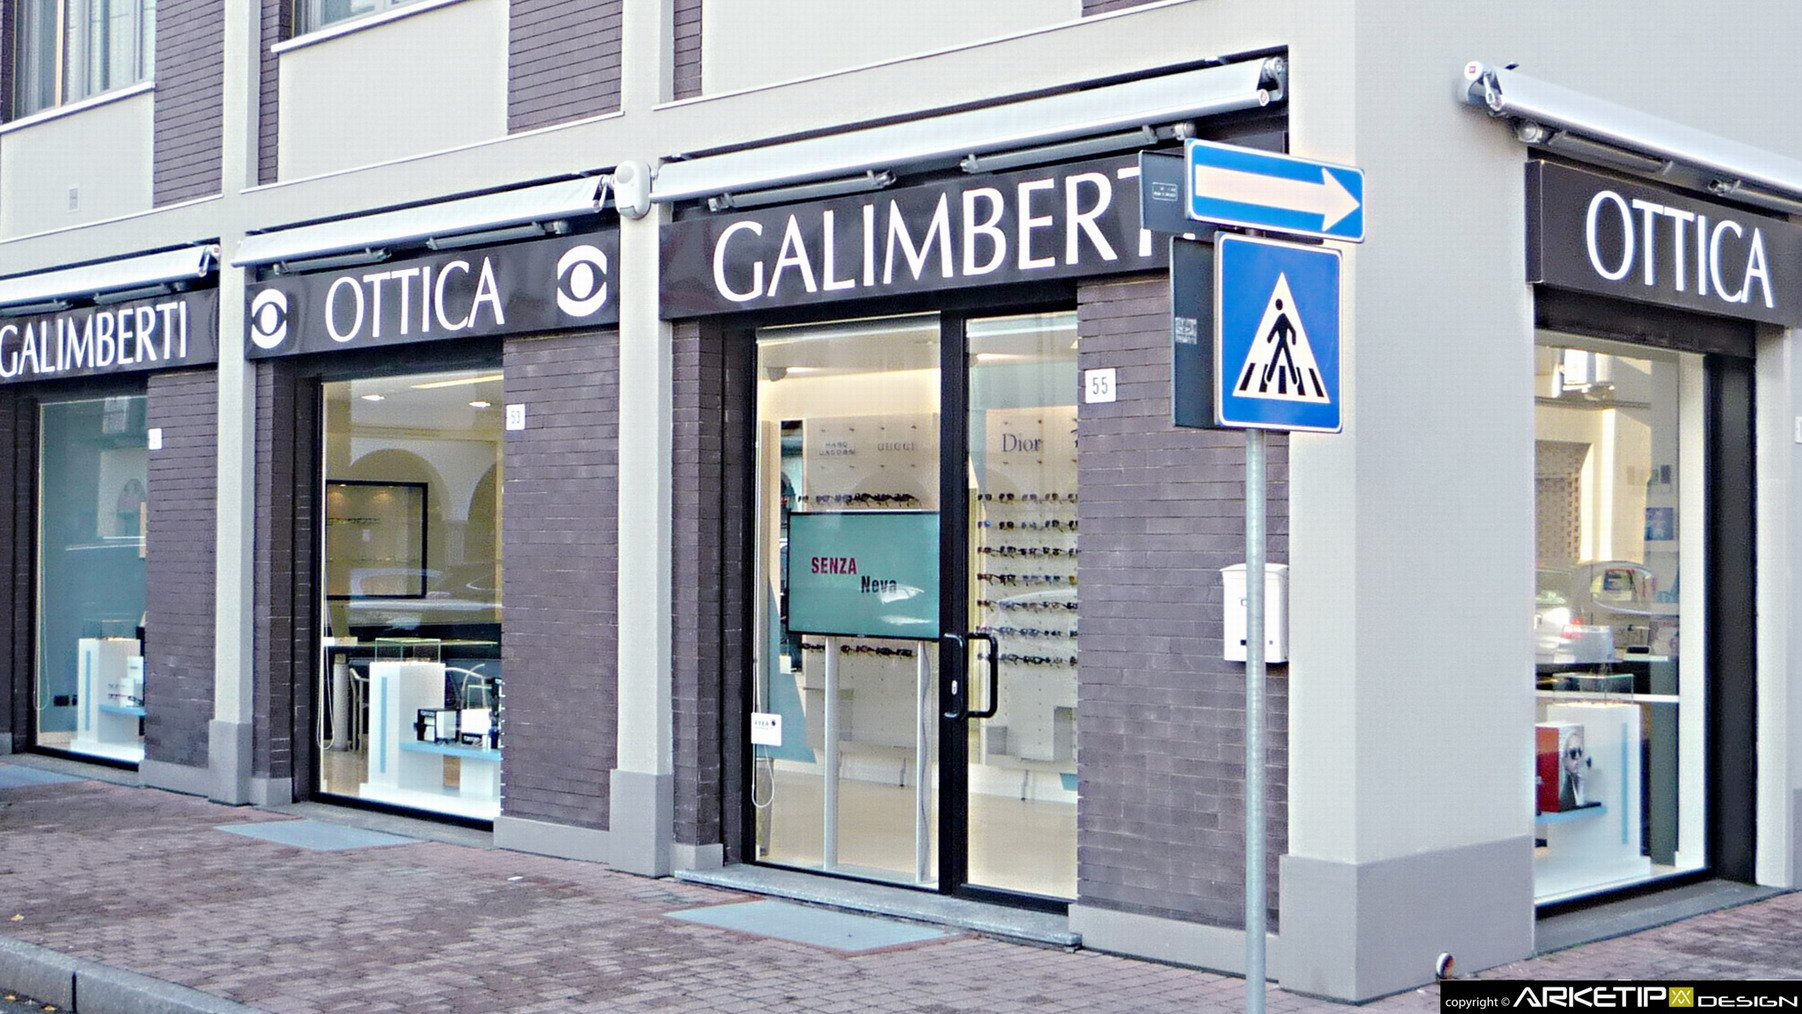 Negozio mobili milano best negozi mobili bagno bagni for Negozi arredamento milano economici